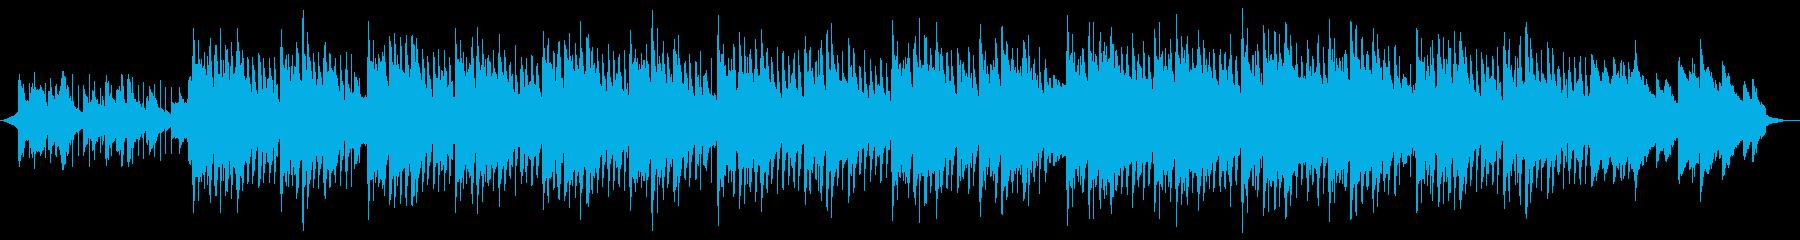 印象的なピアノメロディの企業PVの再生済みの波形